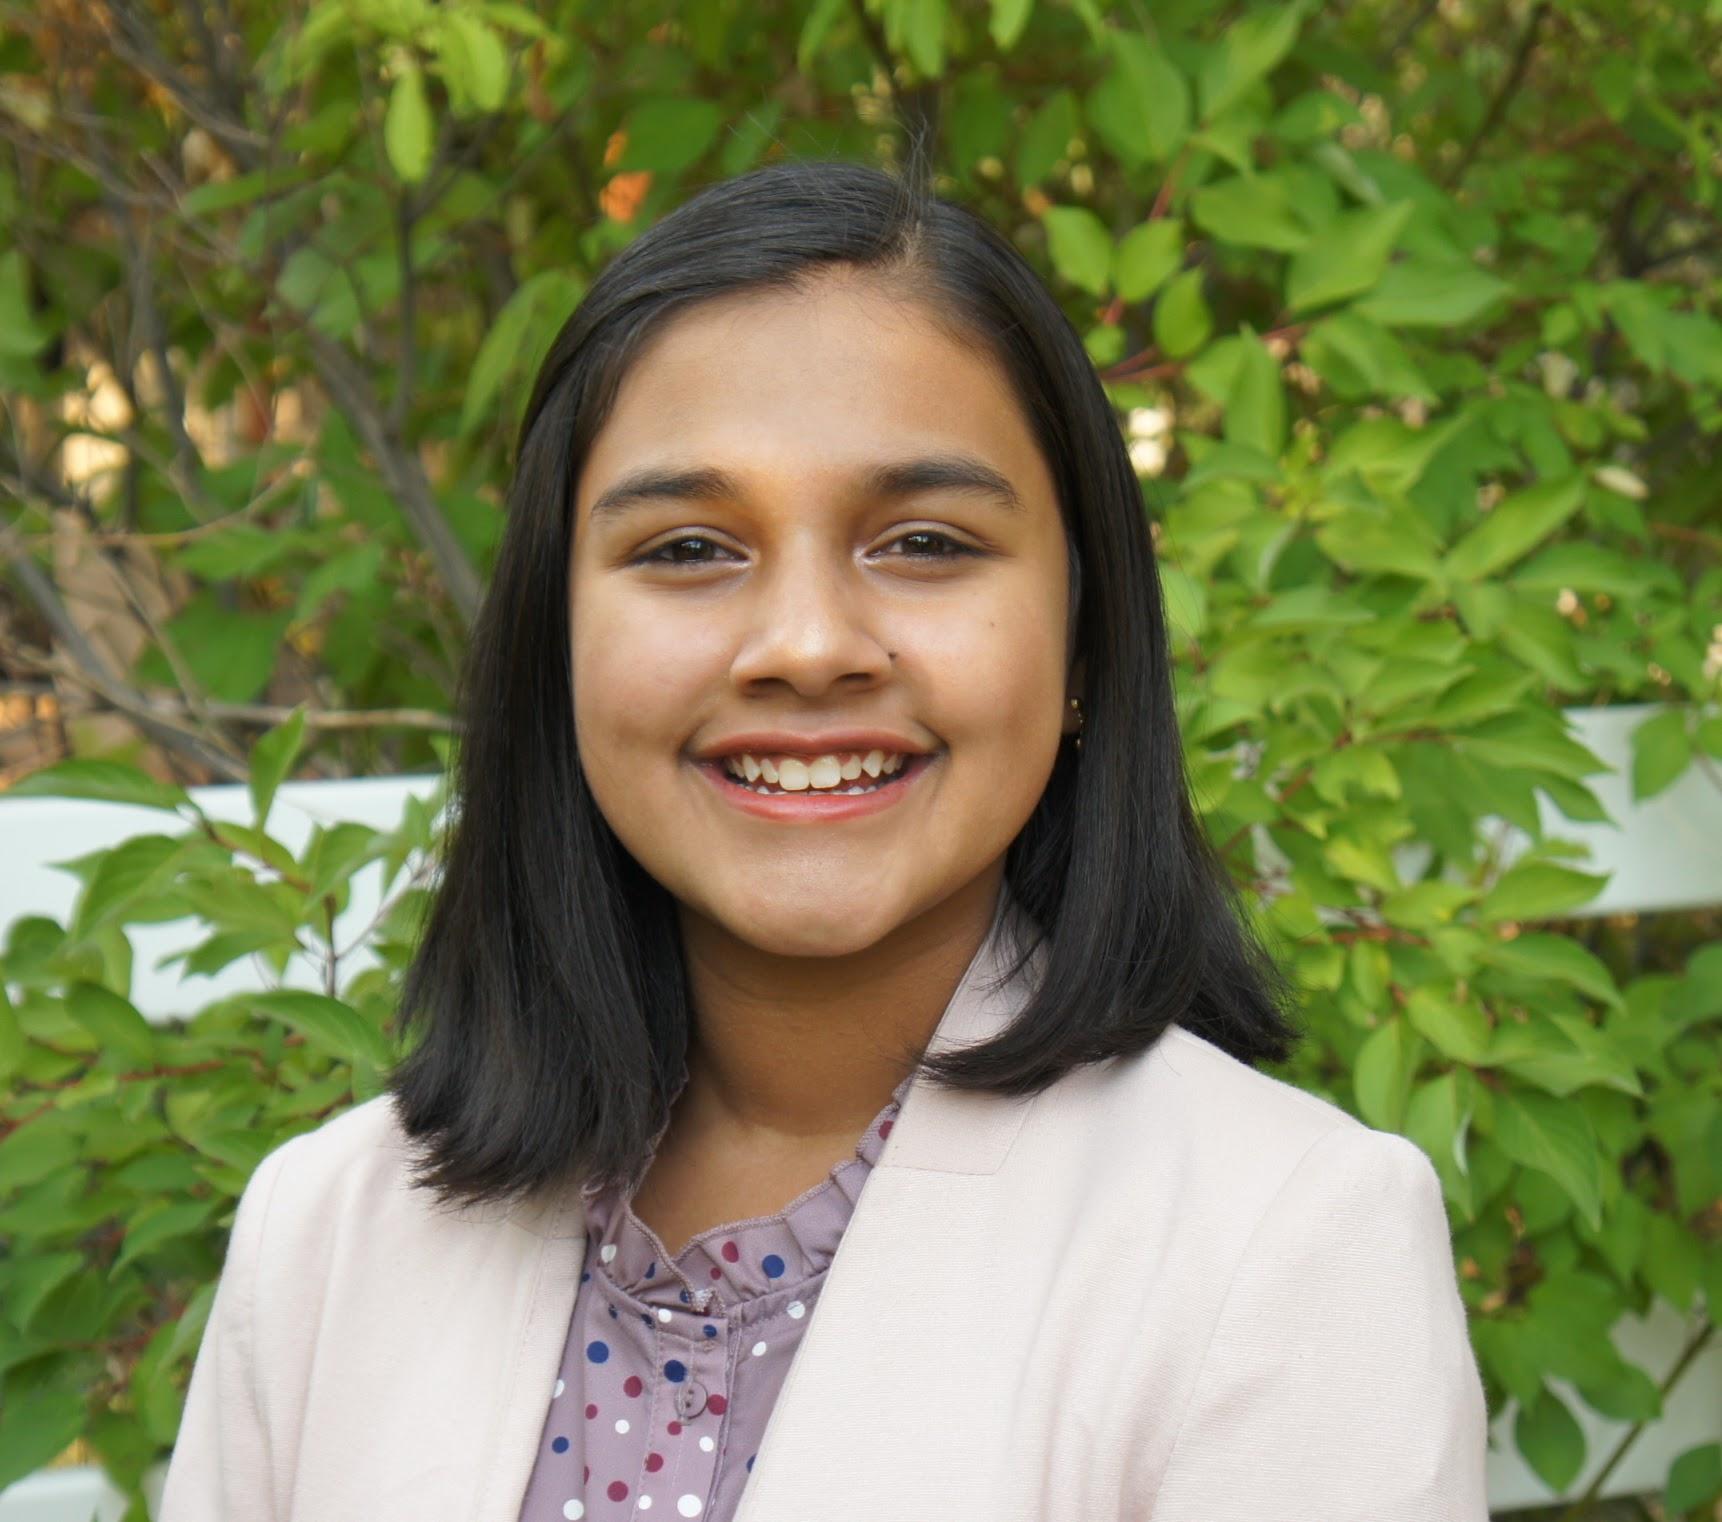 Headshot of Gitanjali Rao